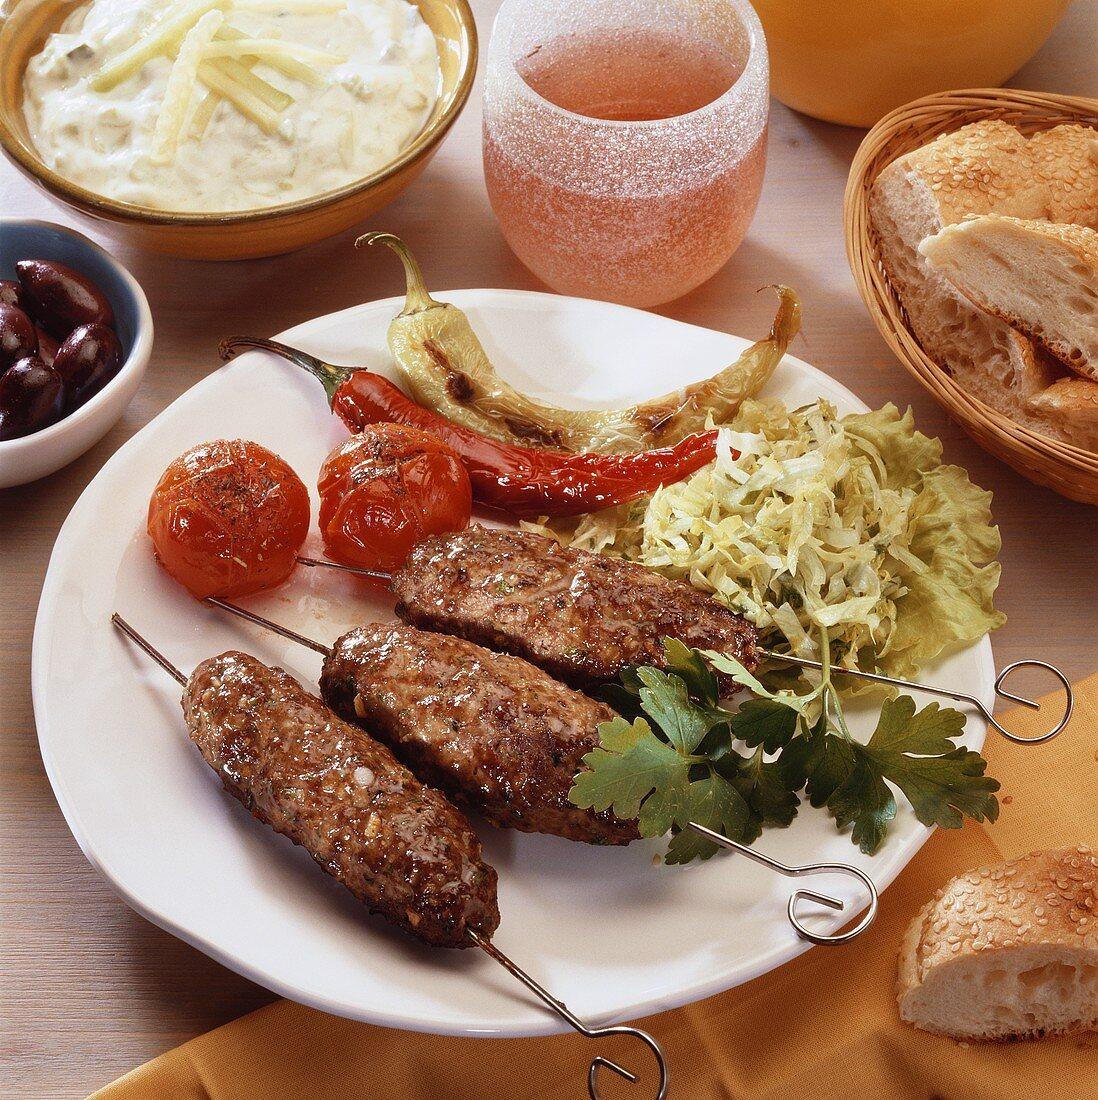 Cevapcici with cabbage salad